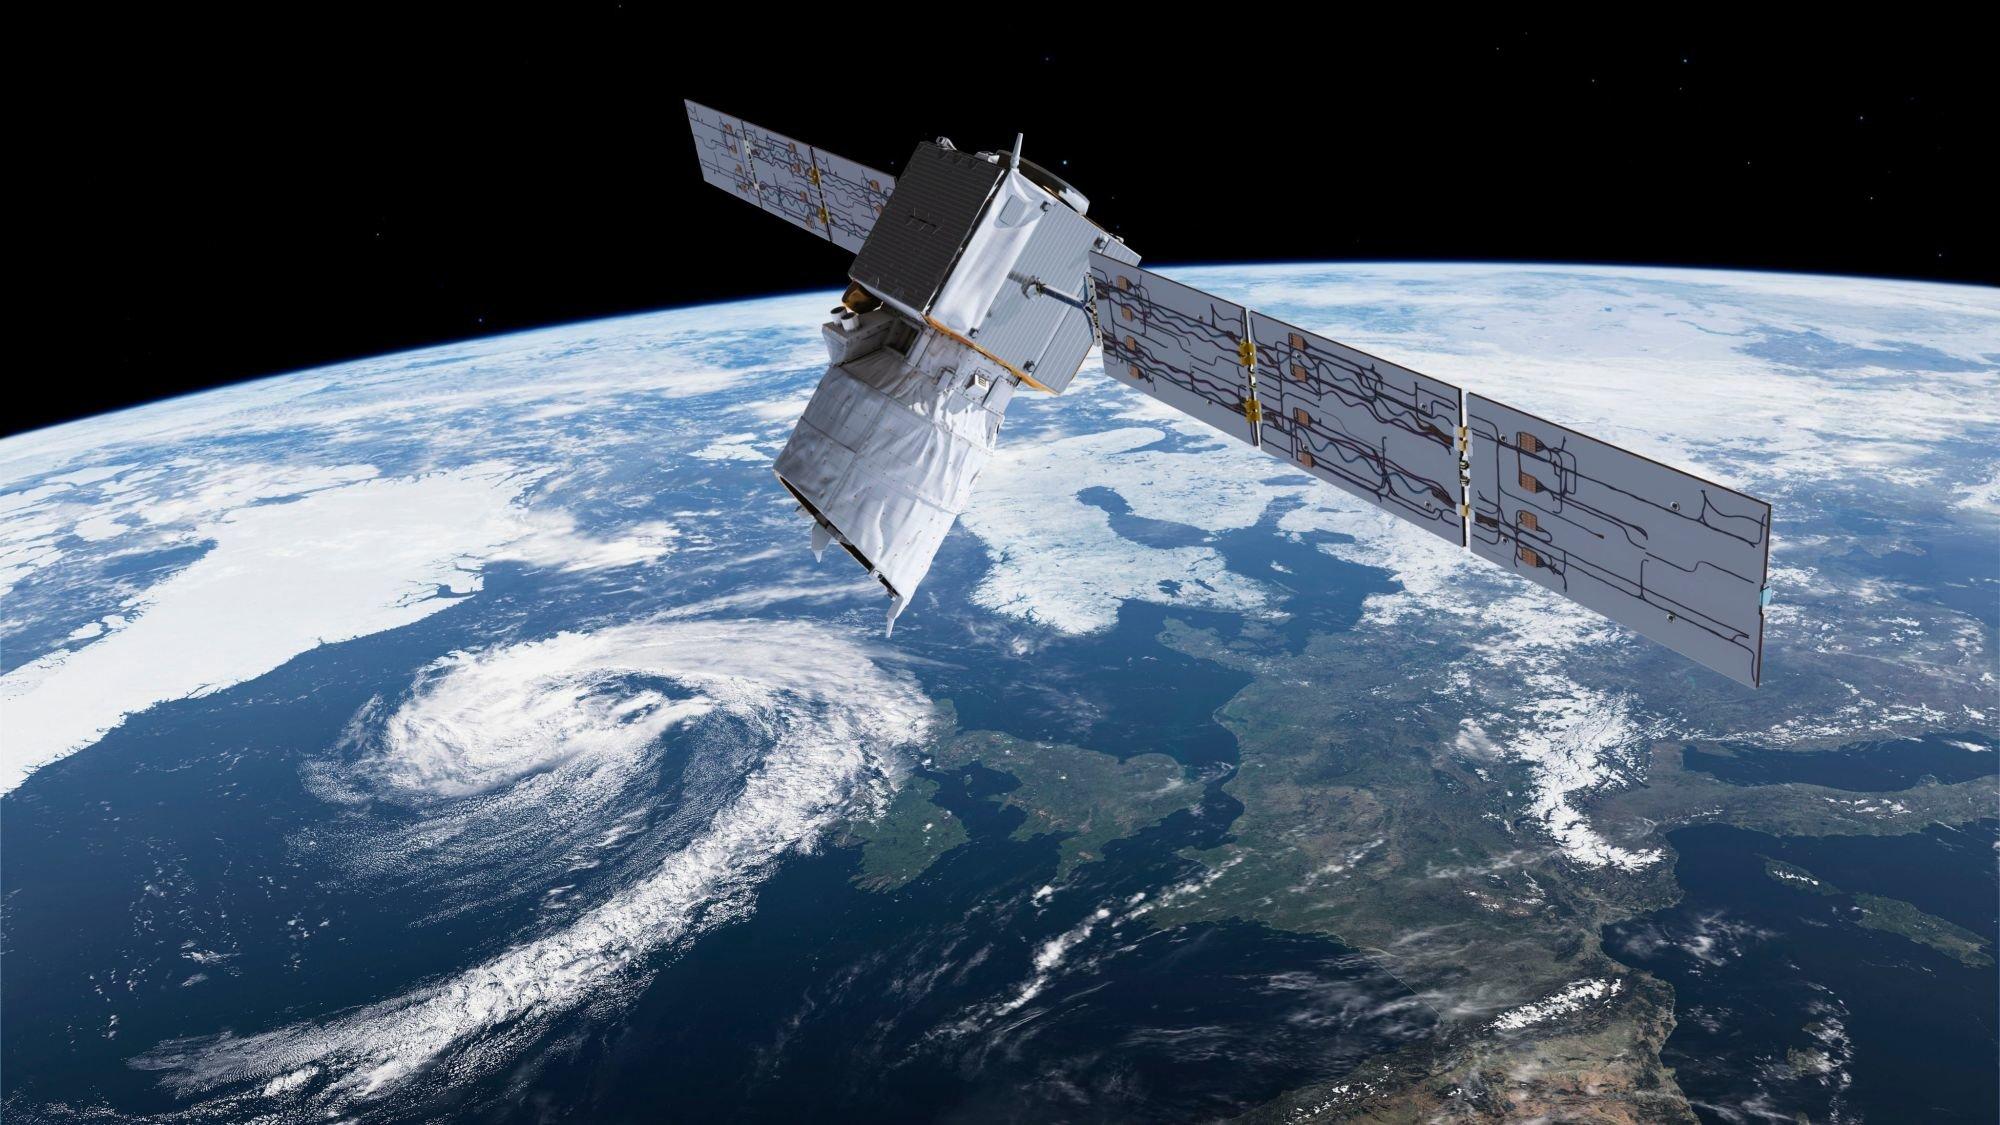 尽管欧洲发出了碰撞警告 但SpaceX不会移动其卫星